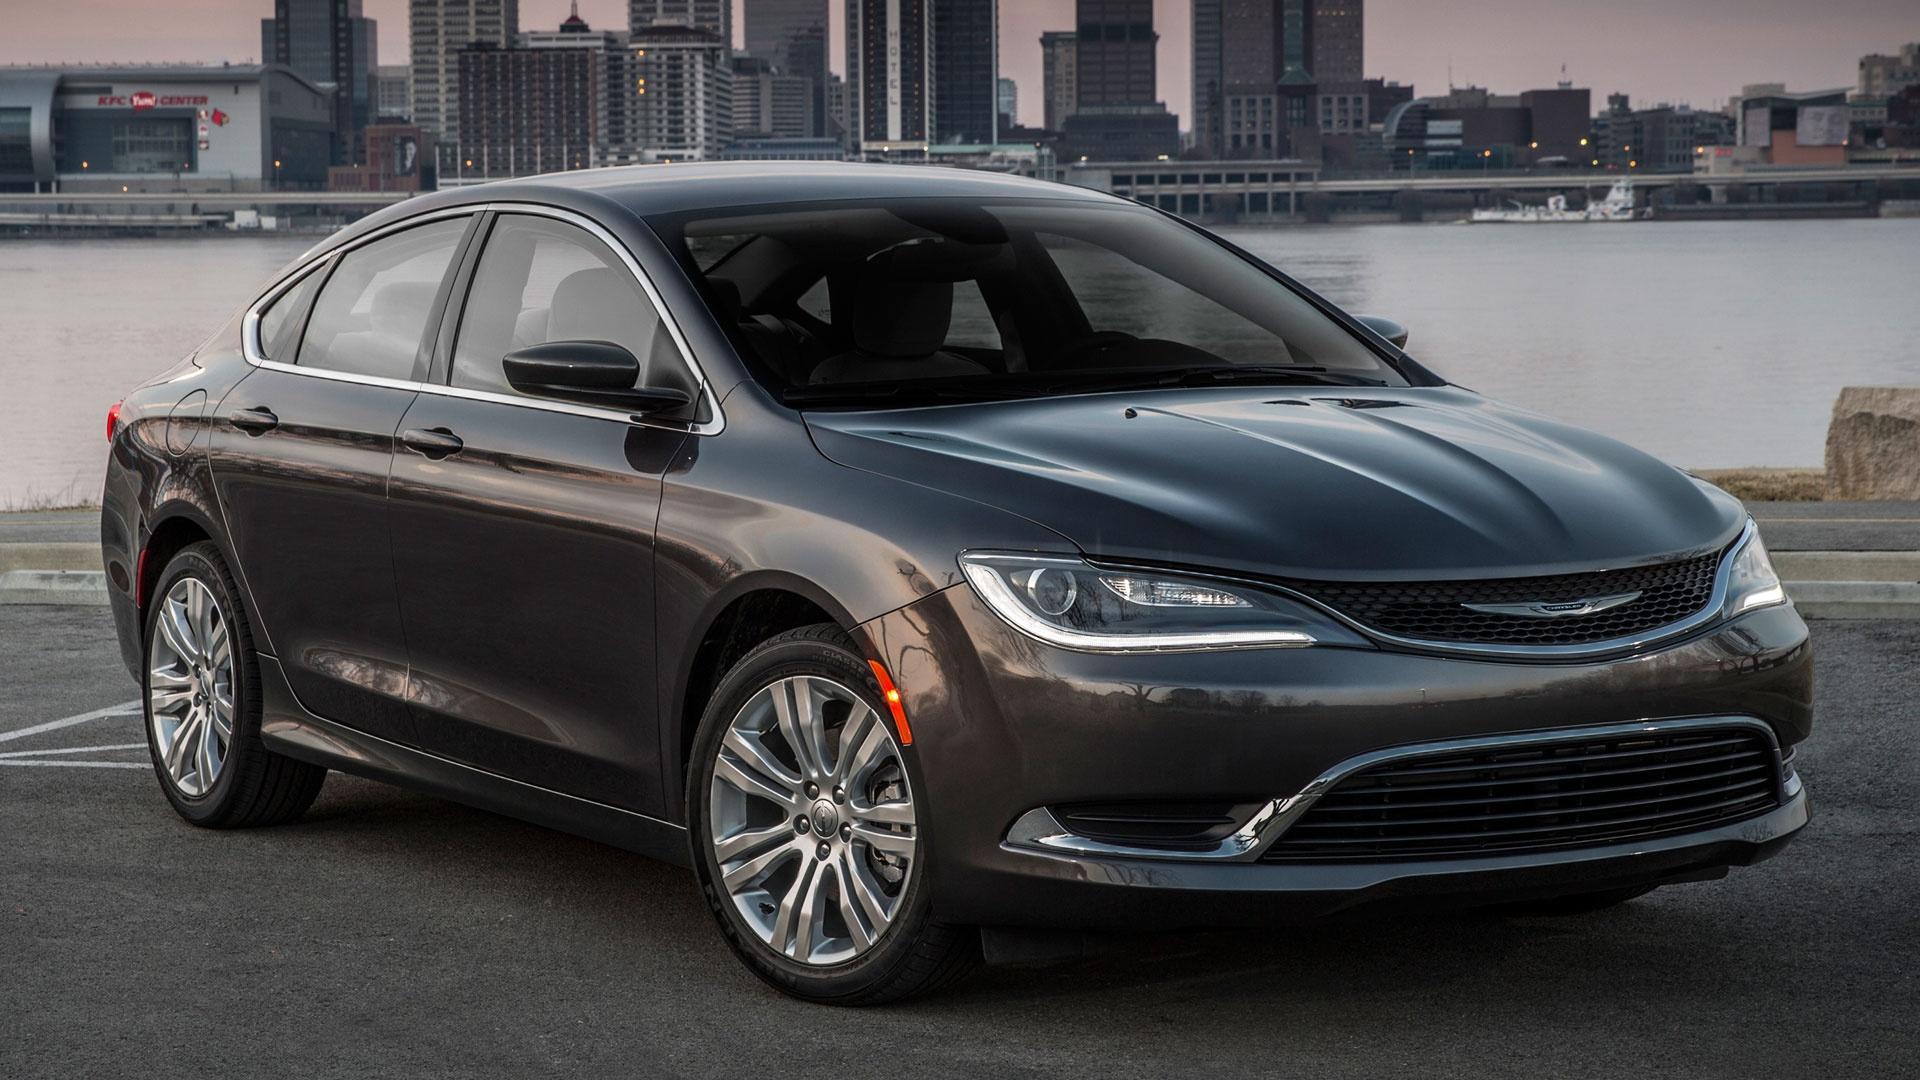 2015 Chrysler 200 & 2015 GM Full-Size SUVs image